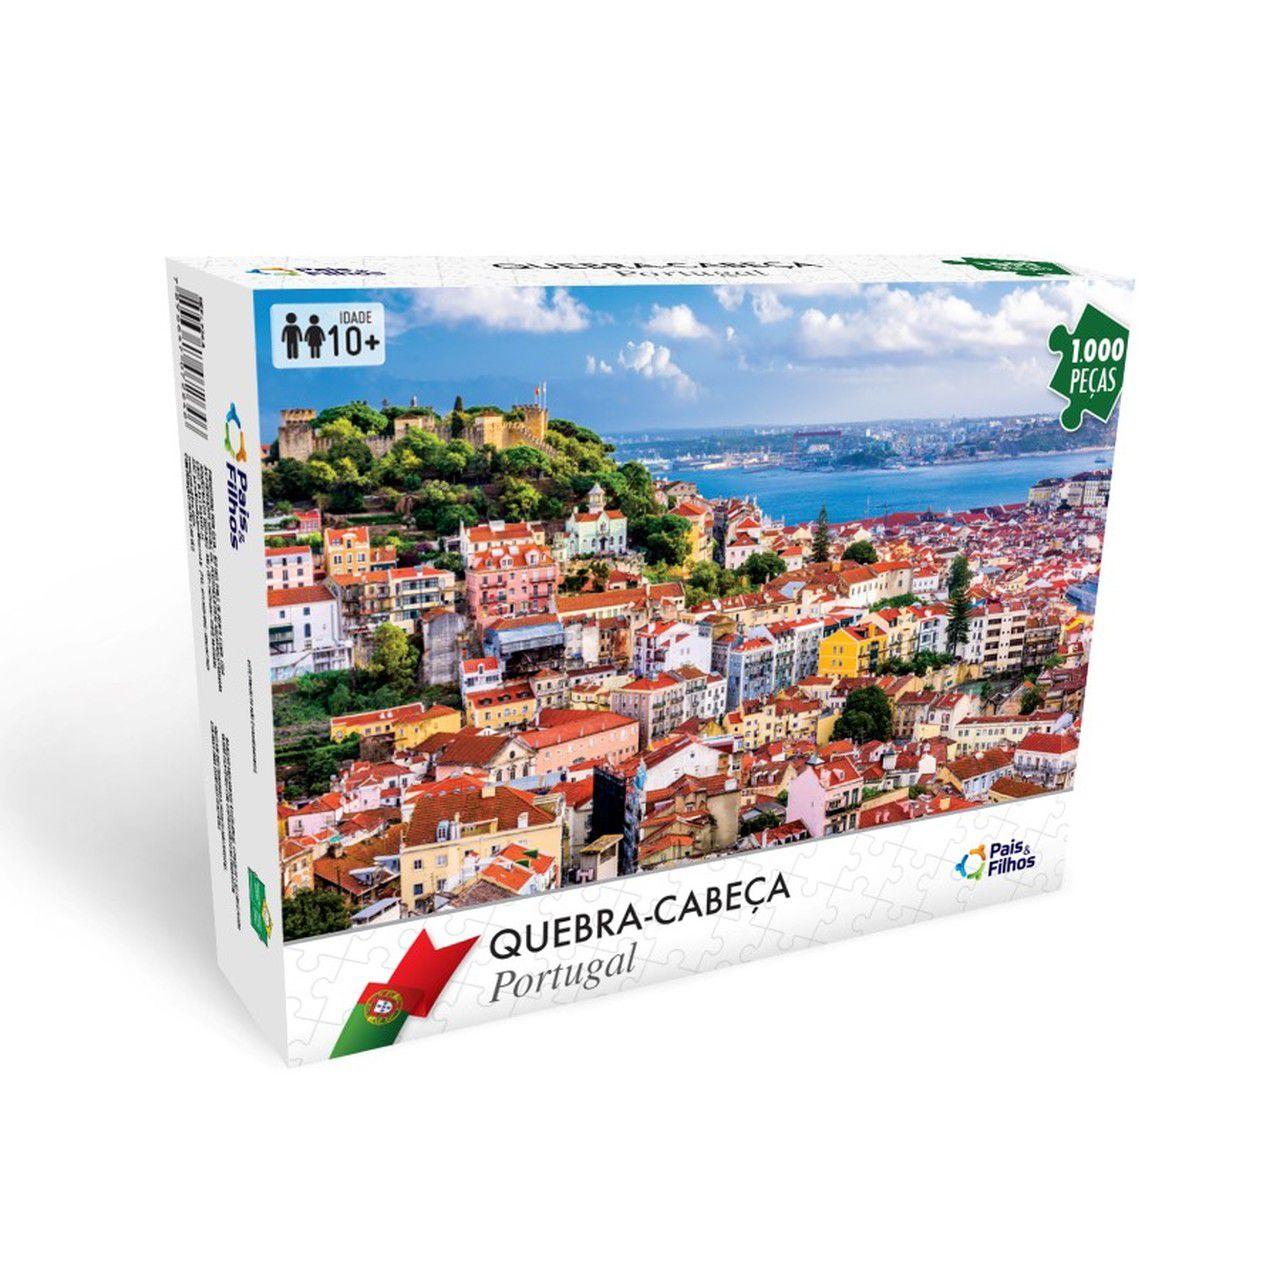 Quebra Cabeça Portugal 1000 Peças - Pais e Filhos 7288